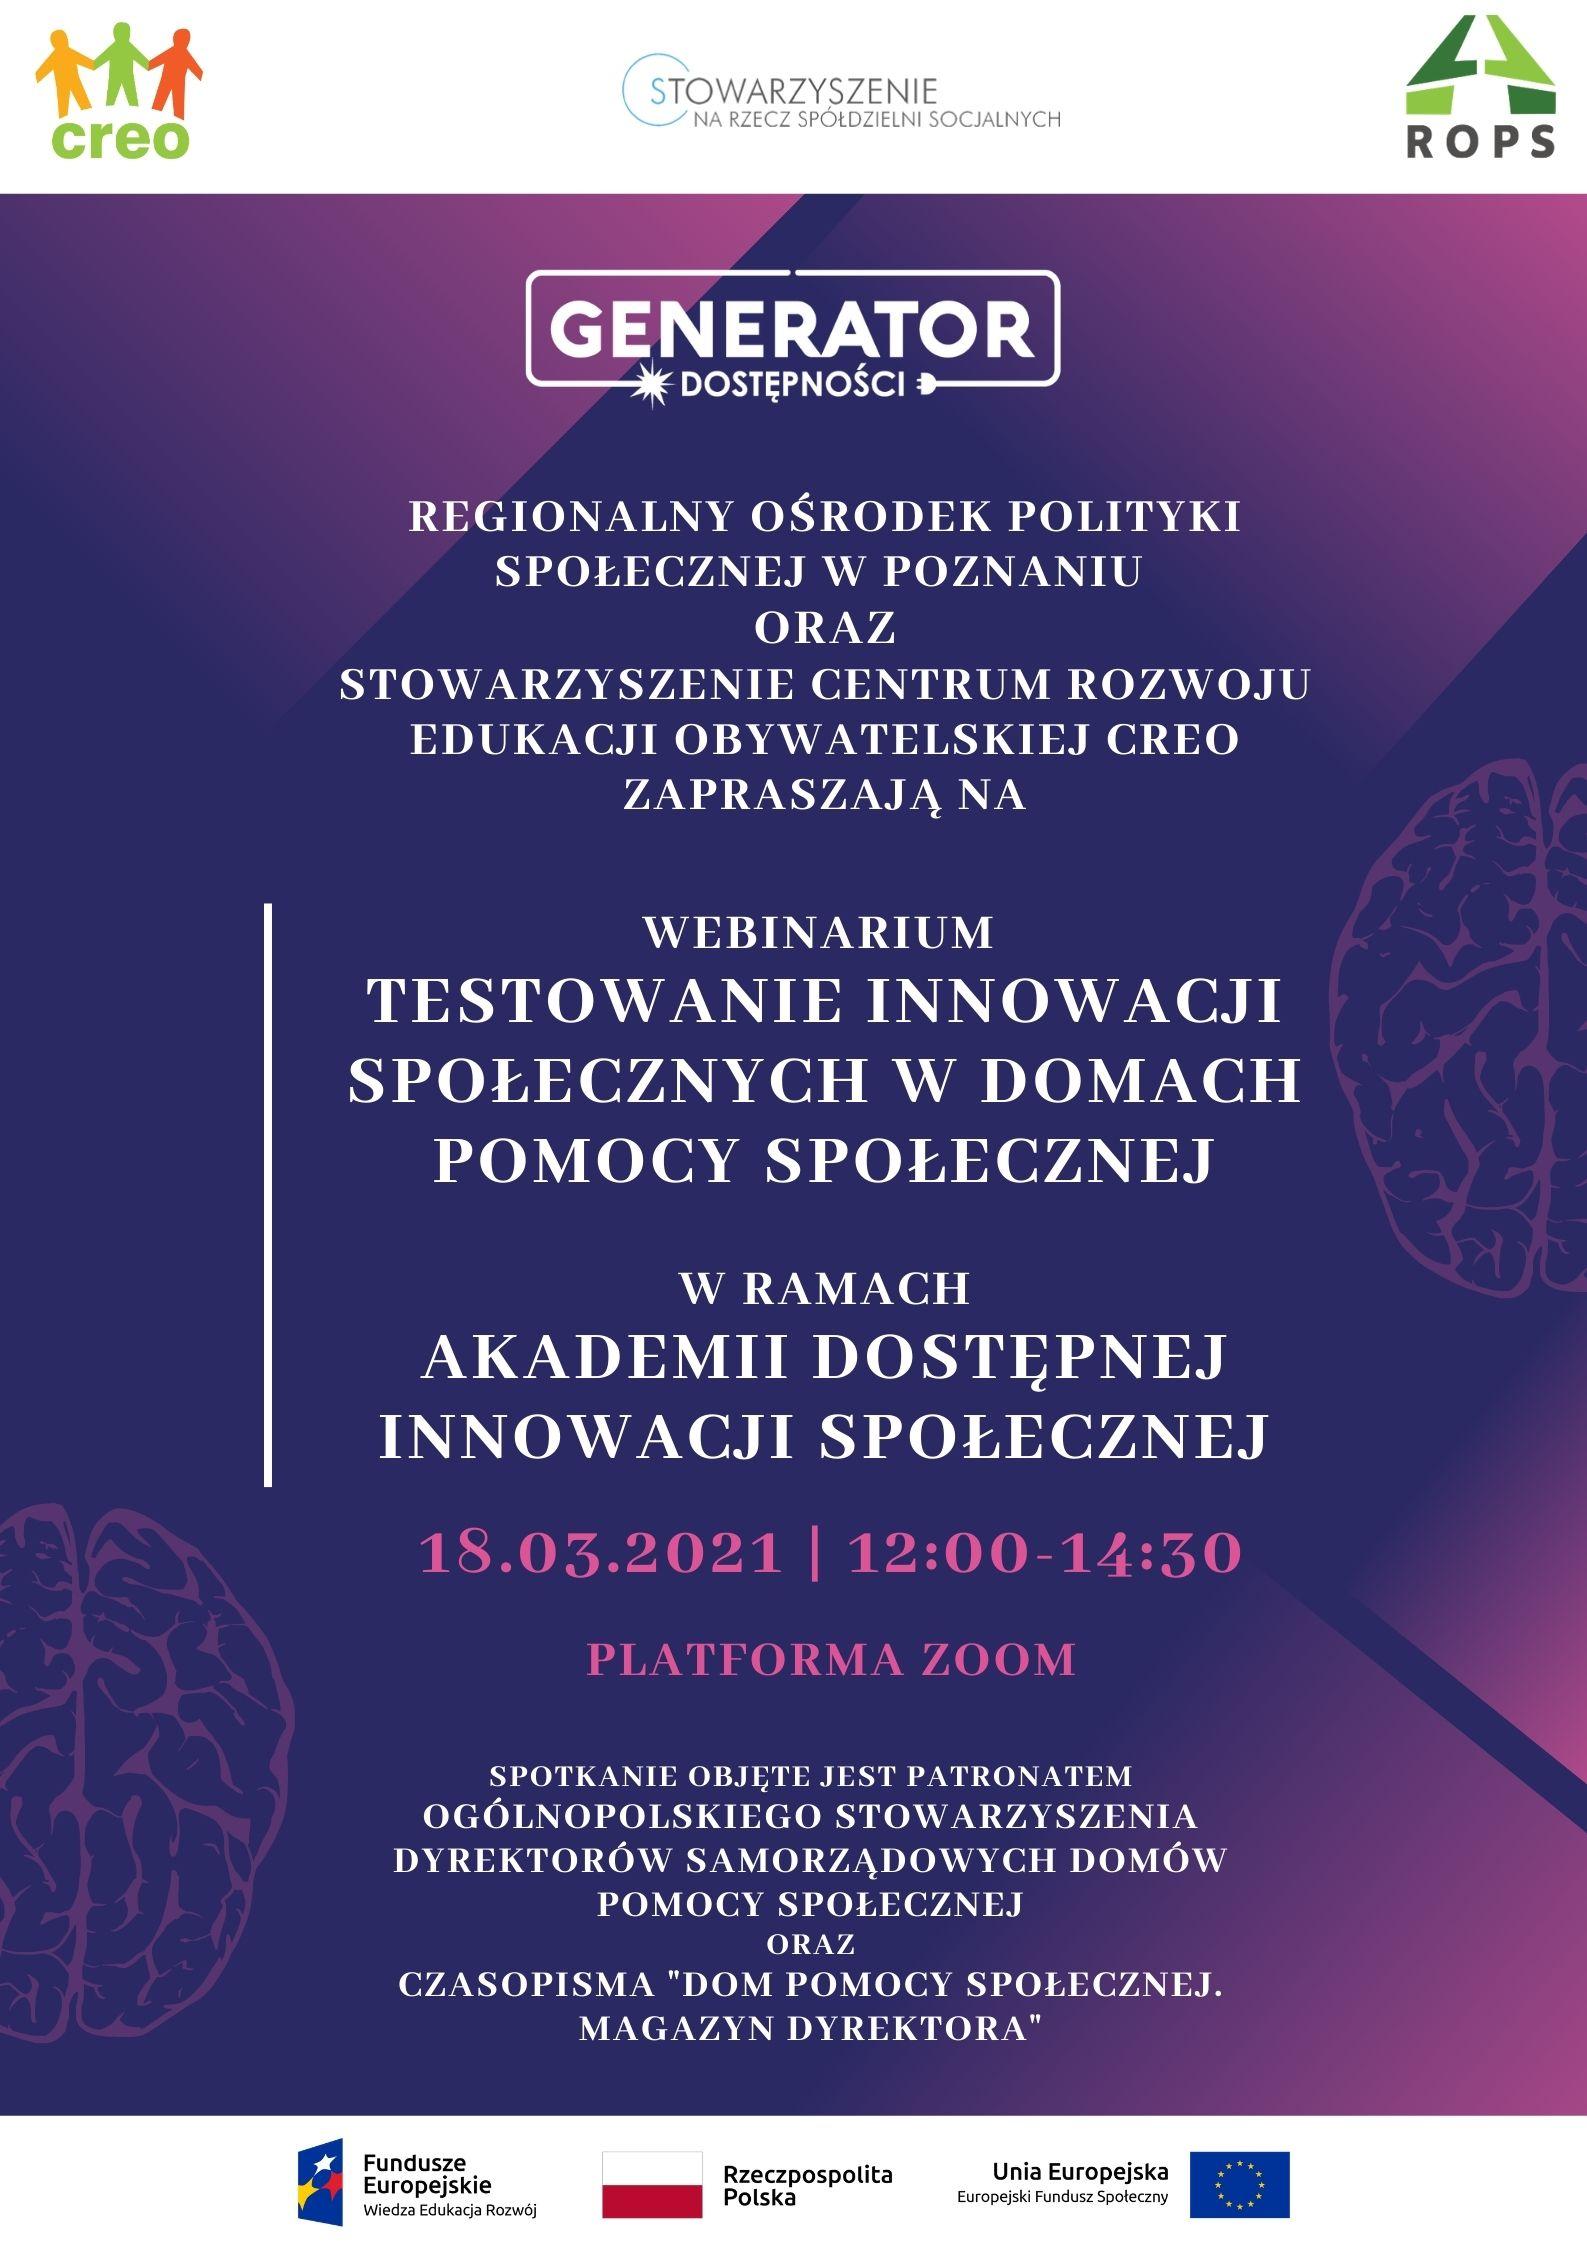 Grafika przedstawia plakat w kolorze fioletowym zapraszający na webinar dotyczący tworzenia i testowania innowacji w Domach Pomocy Społecznej.